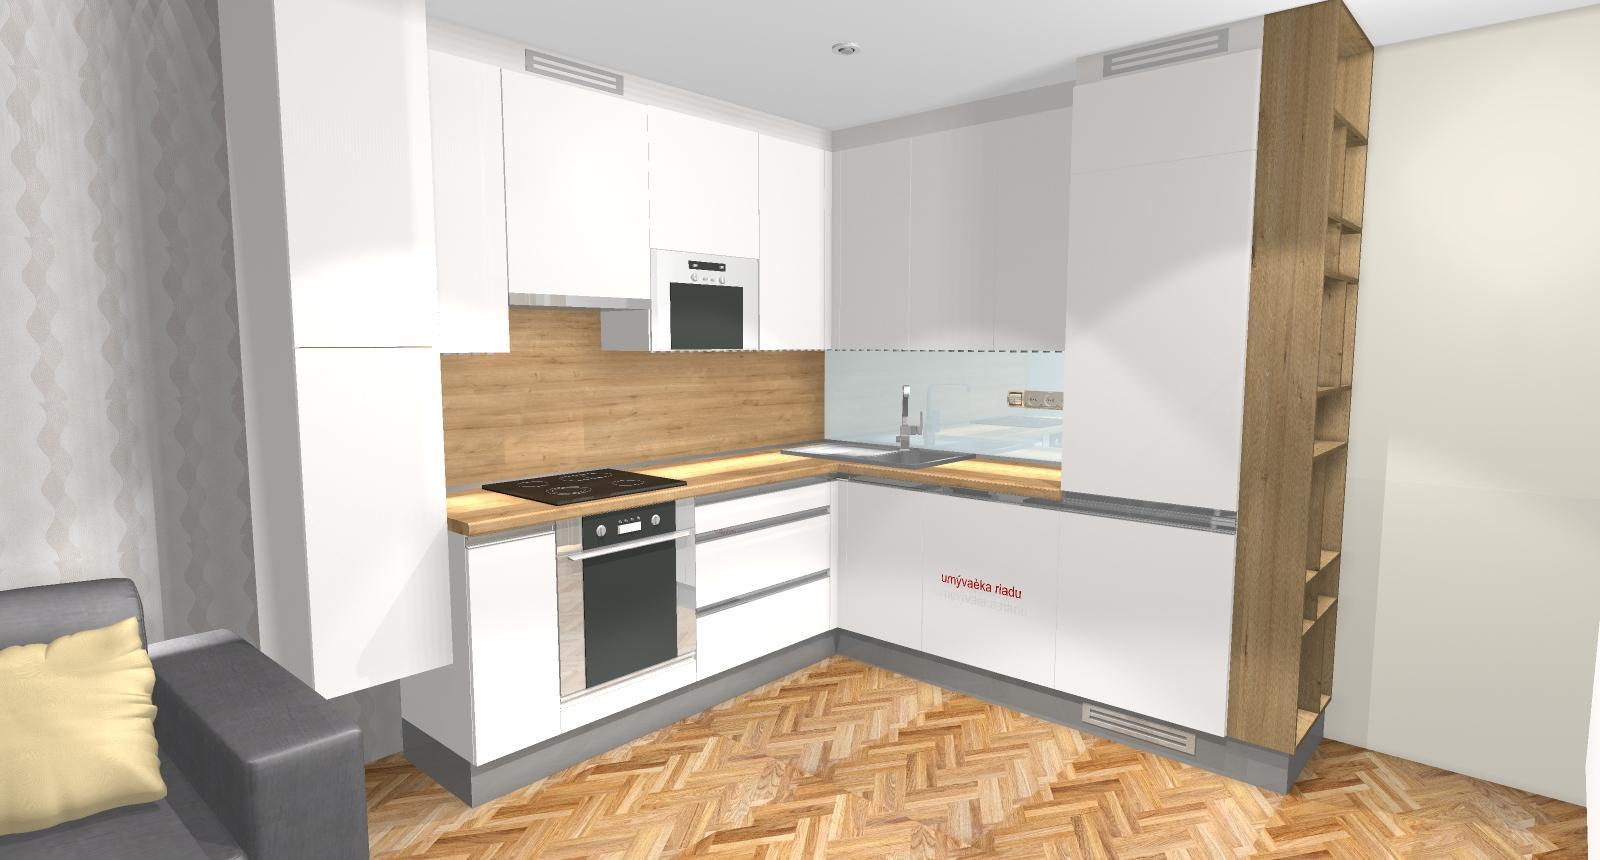 Grafické návrhy bytov - Zariadenie dvojizbového bytu vo Zvolene na Zlatom potoku, ktorý sa prerobí na trojizbový - kuchyňa+obývačka - obr.3